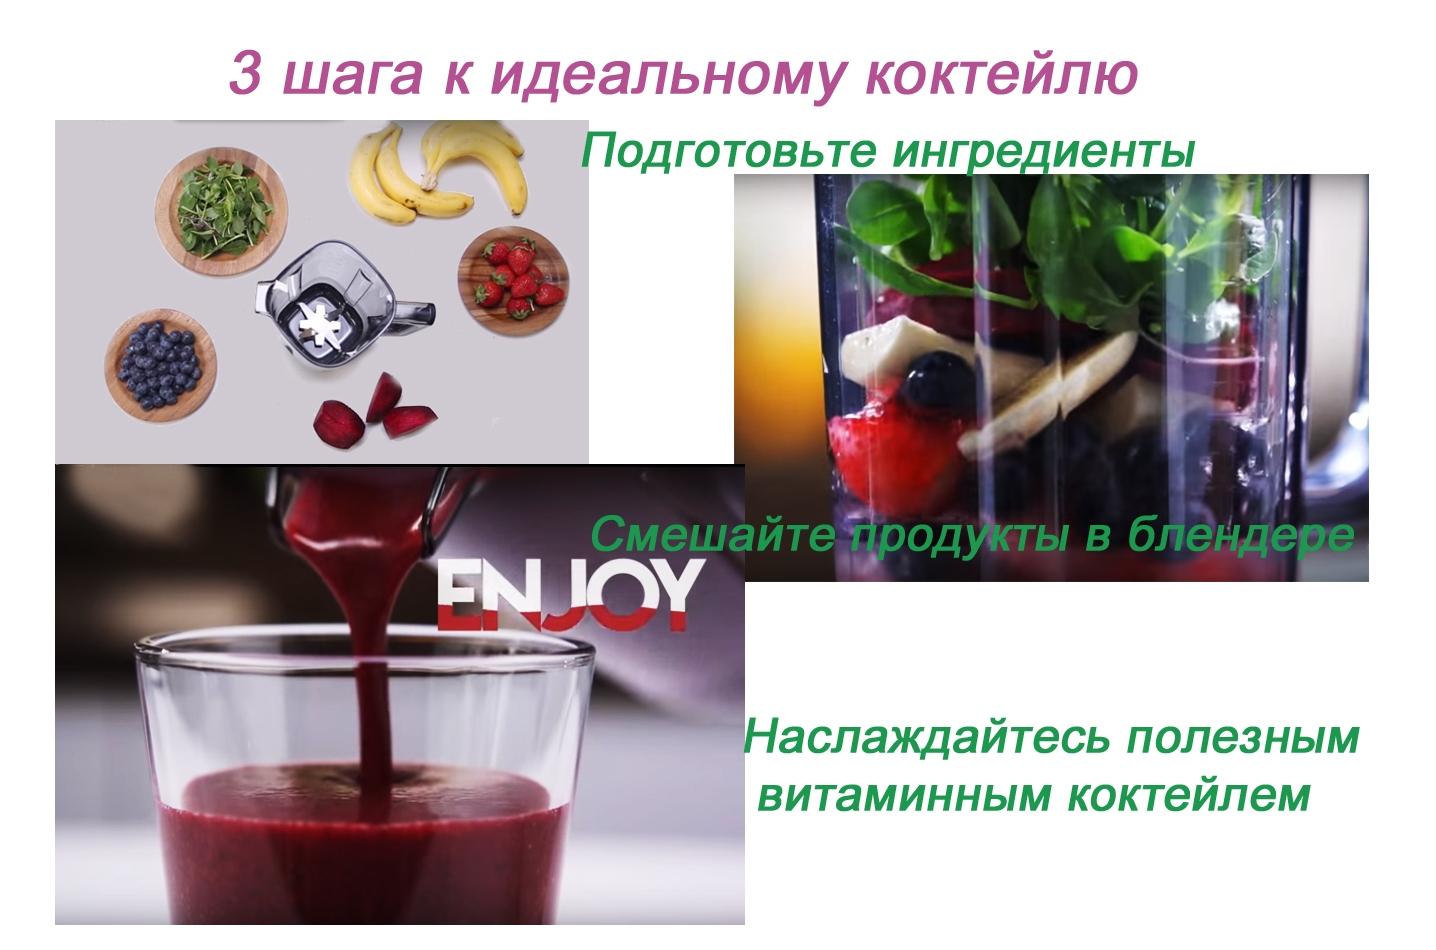 Инструкция для приготовления коктейля в блендере